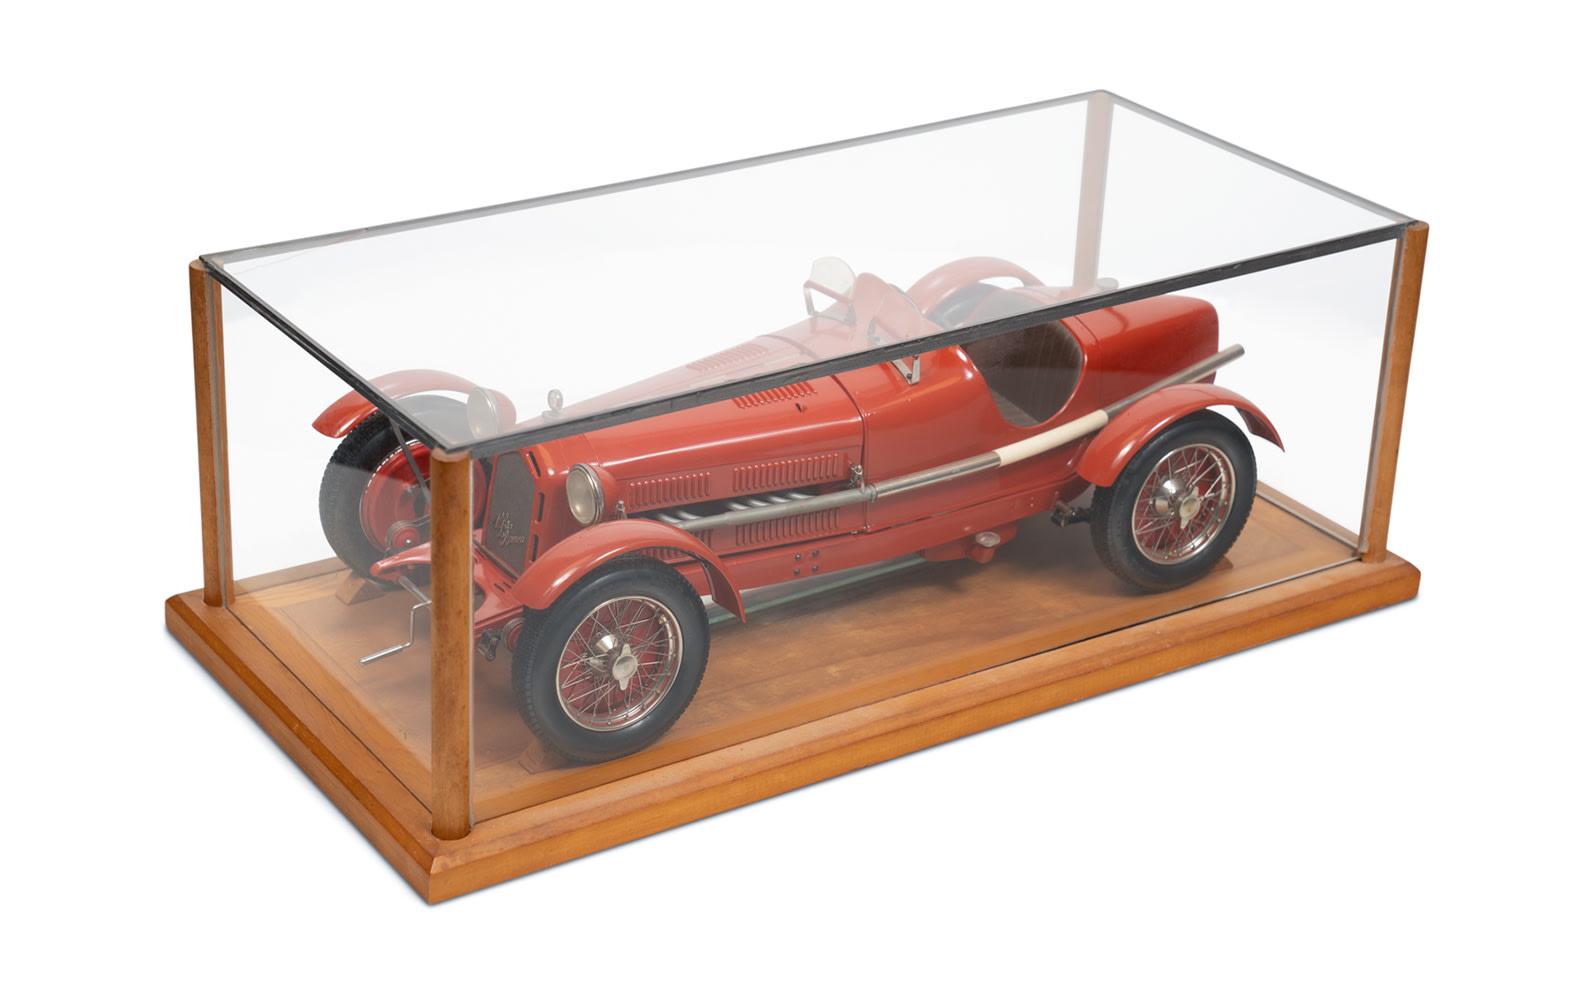 Alfa Romeo 8C 2300 Monza Model by Pocher